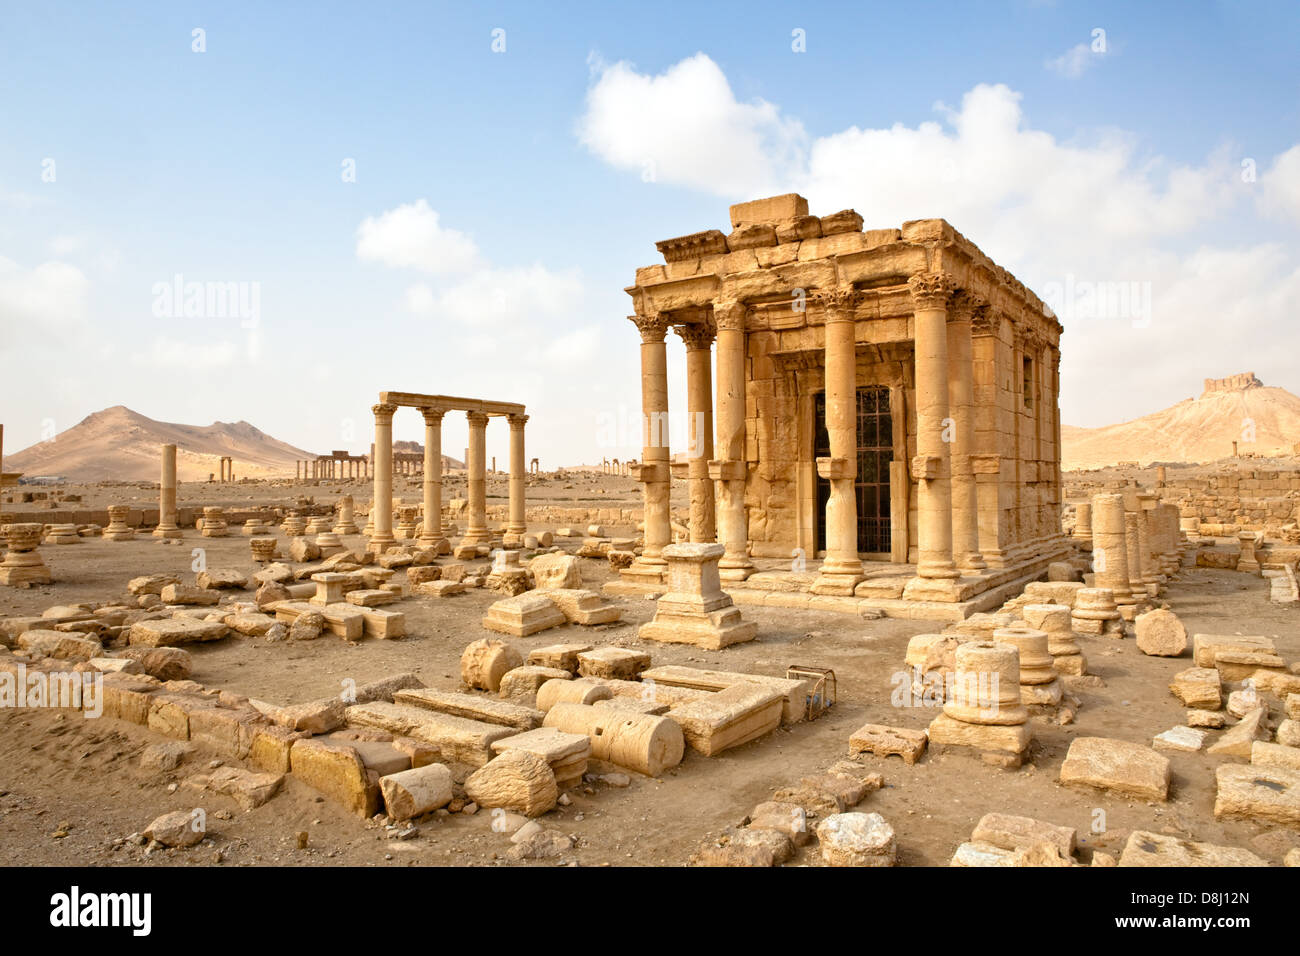 Ancient Roman time town in Palmyra (Tadmor), Syria. Greco-Roman & Persian Period. - Stock Image